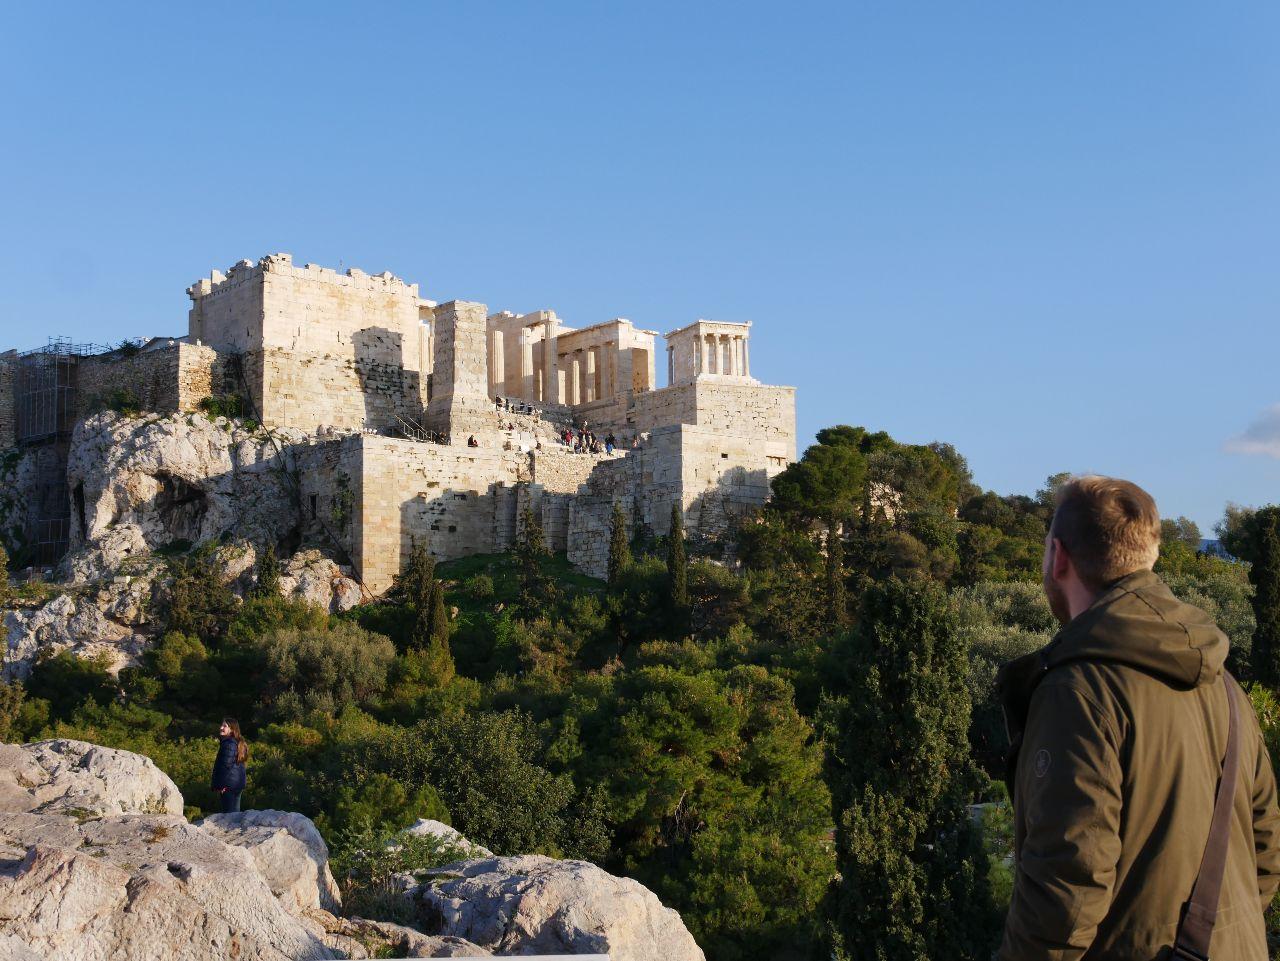 De belangrijkste must see's van het klassieke Athene